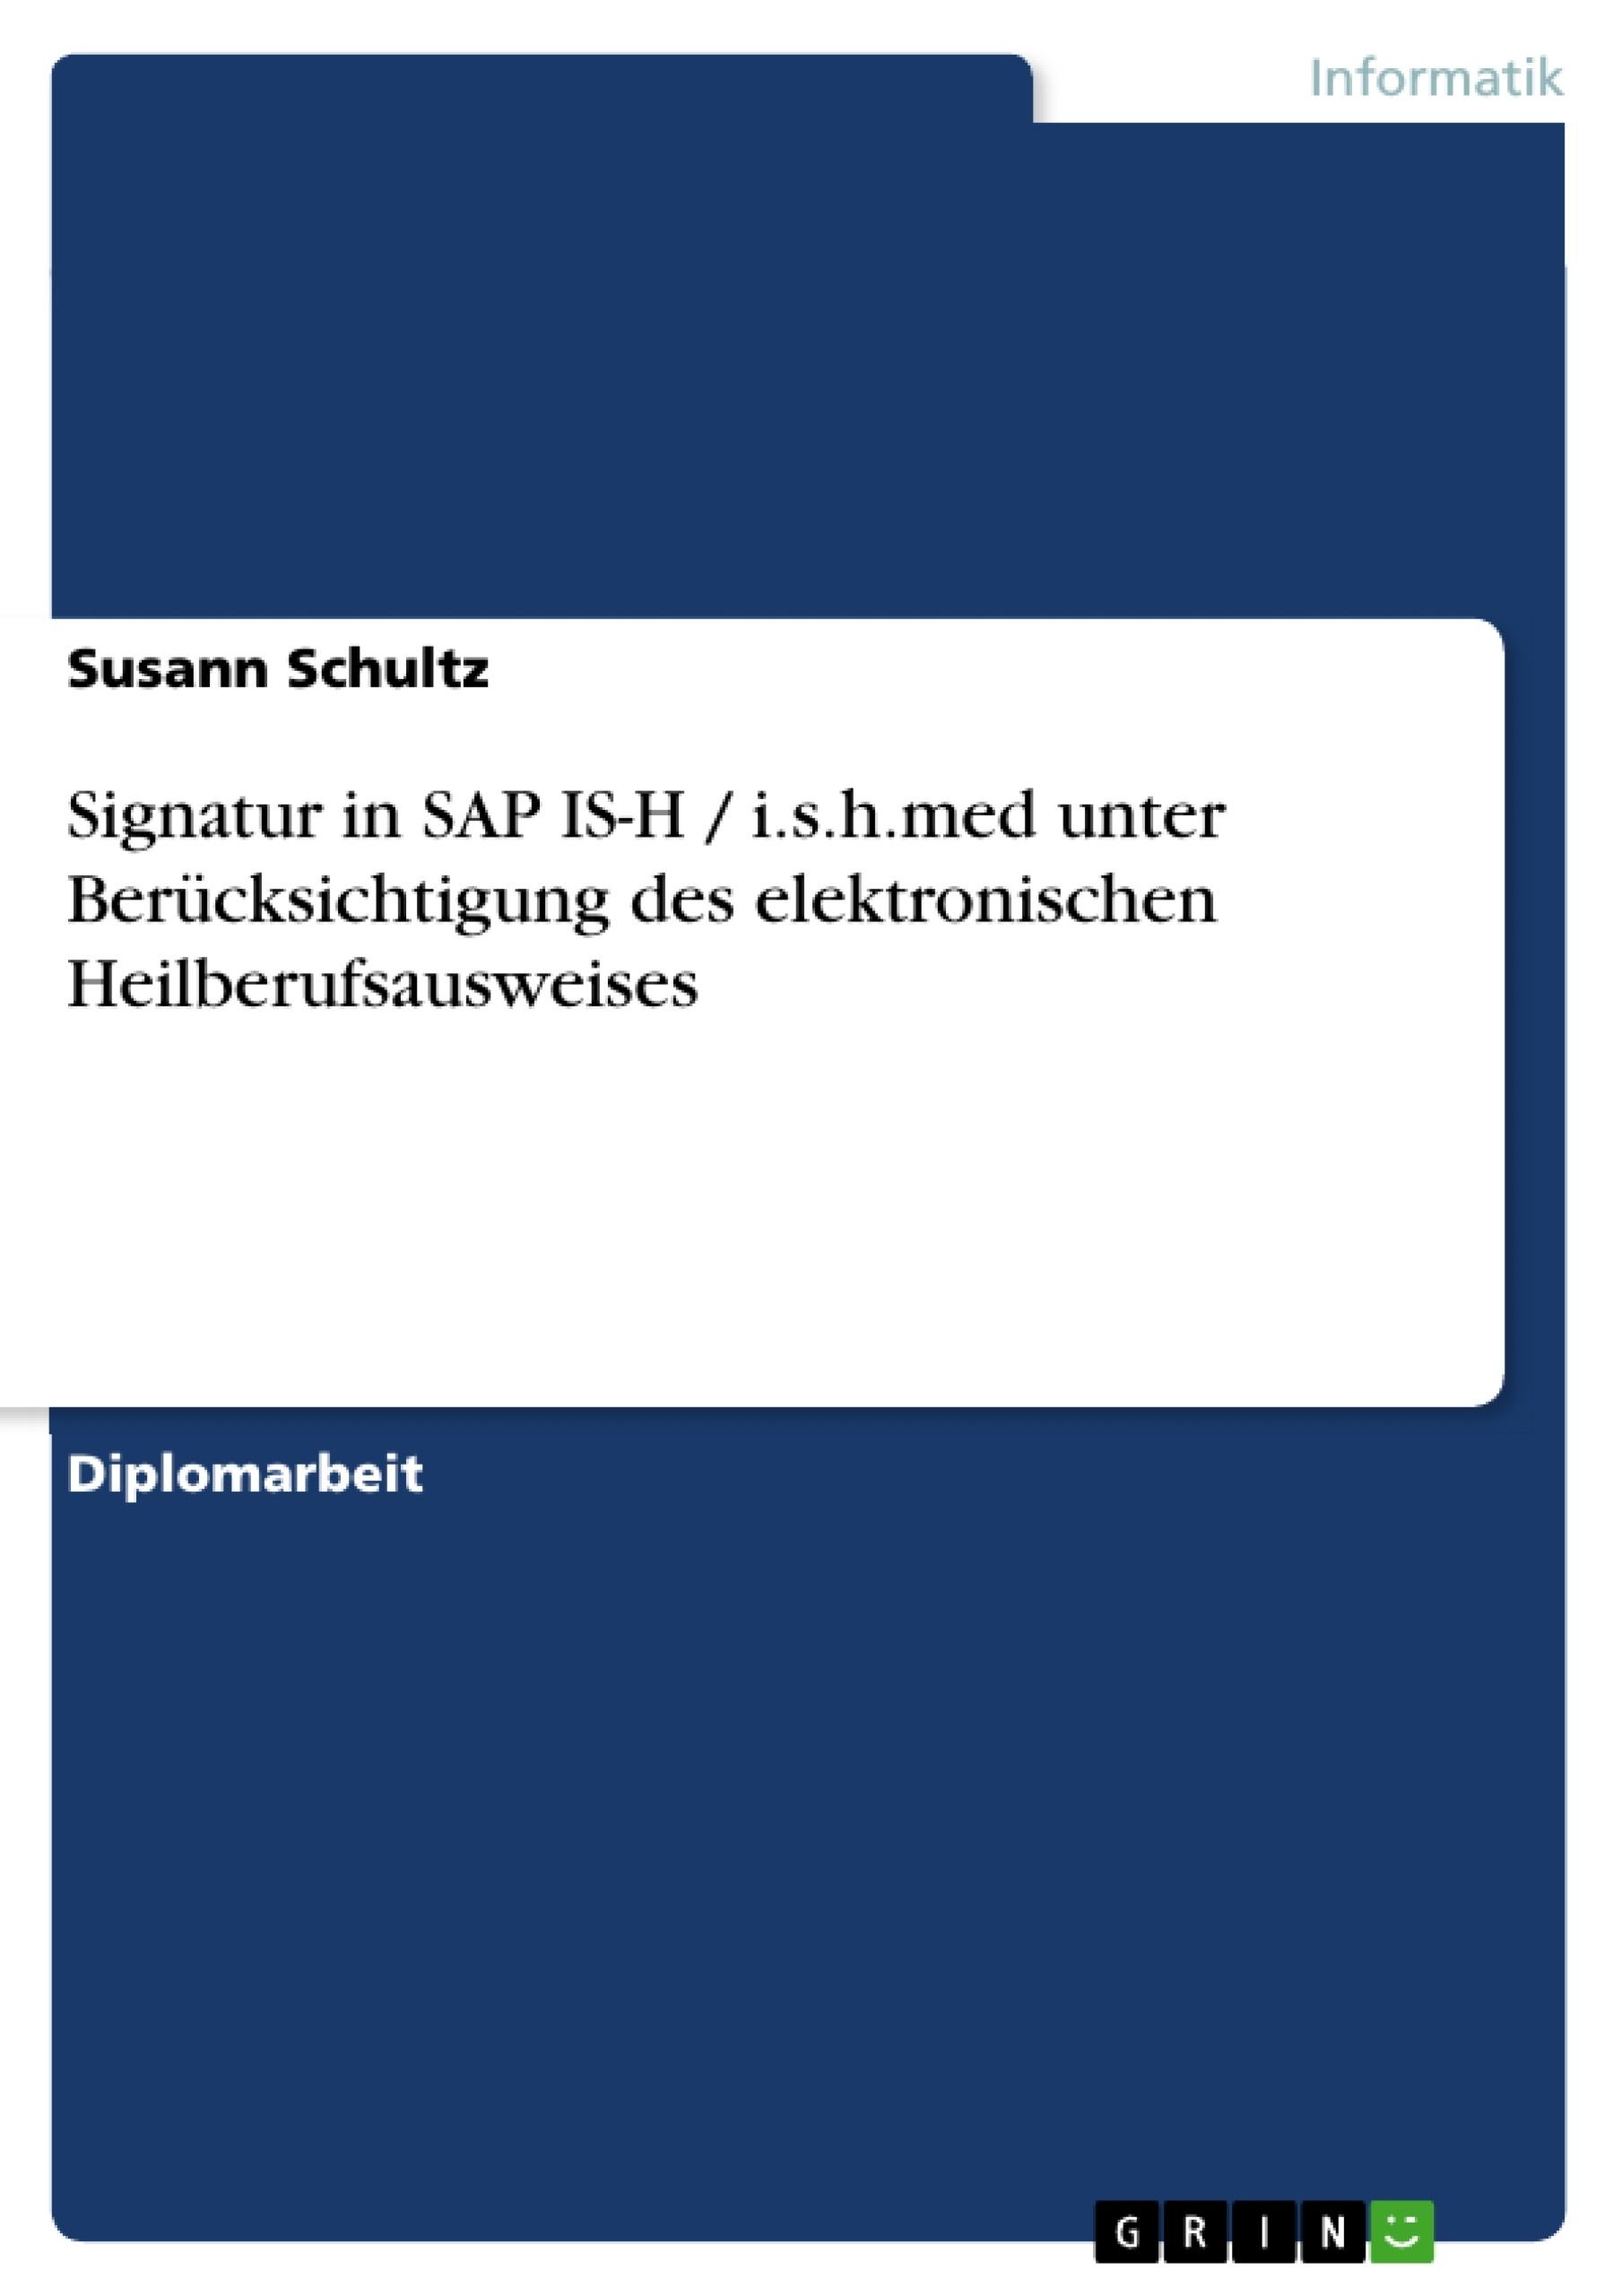 Titel: Signatur in SAP IS-H / i.s.h.med unter Berücksichtigung des elektronischen Heilberufsausweises